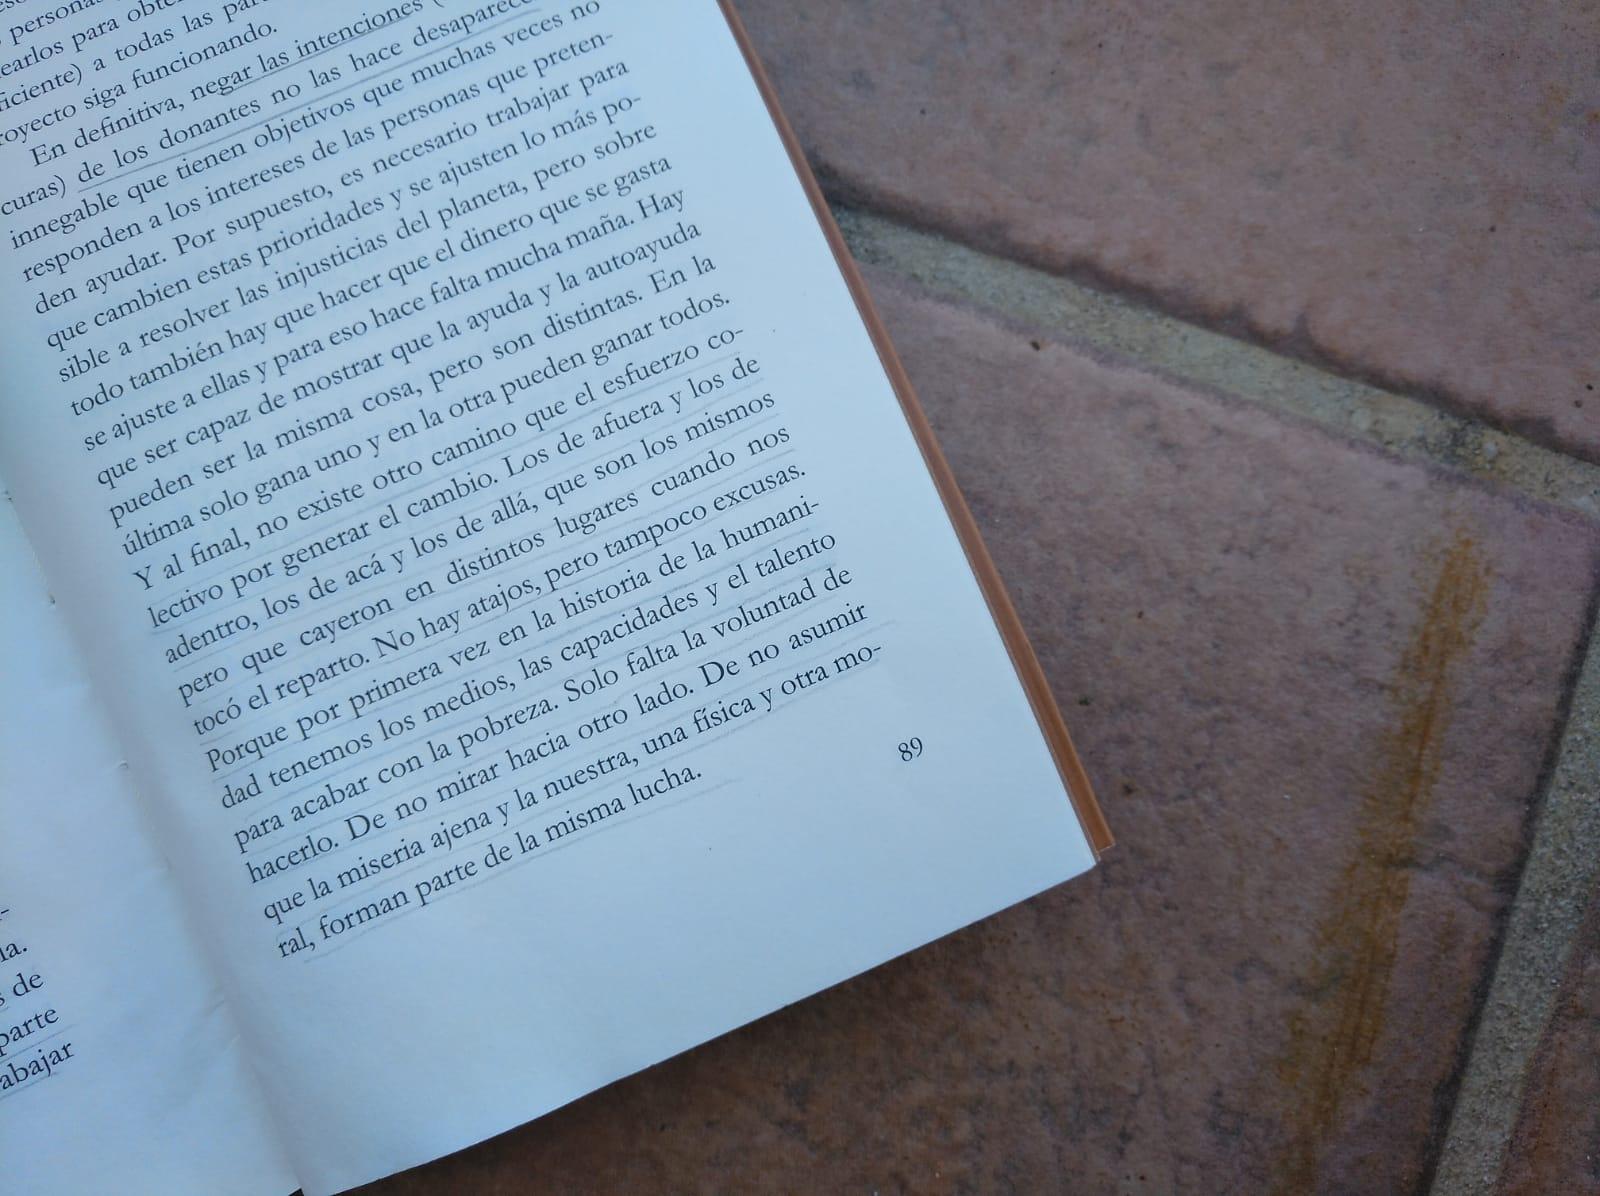 Libros que vuelan: Ser pobre